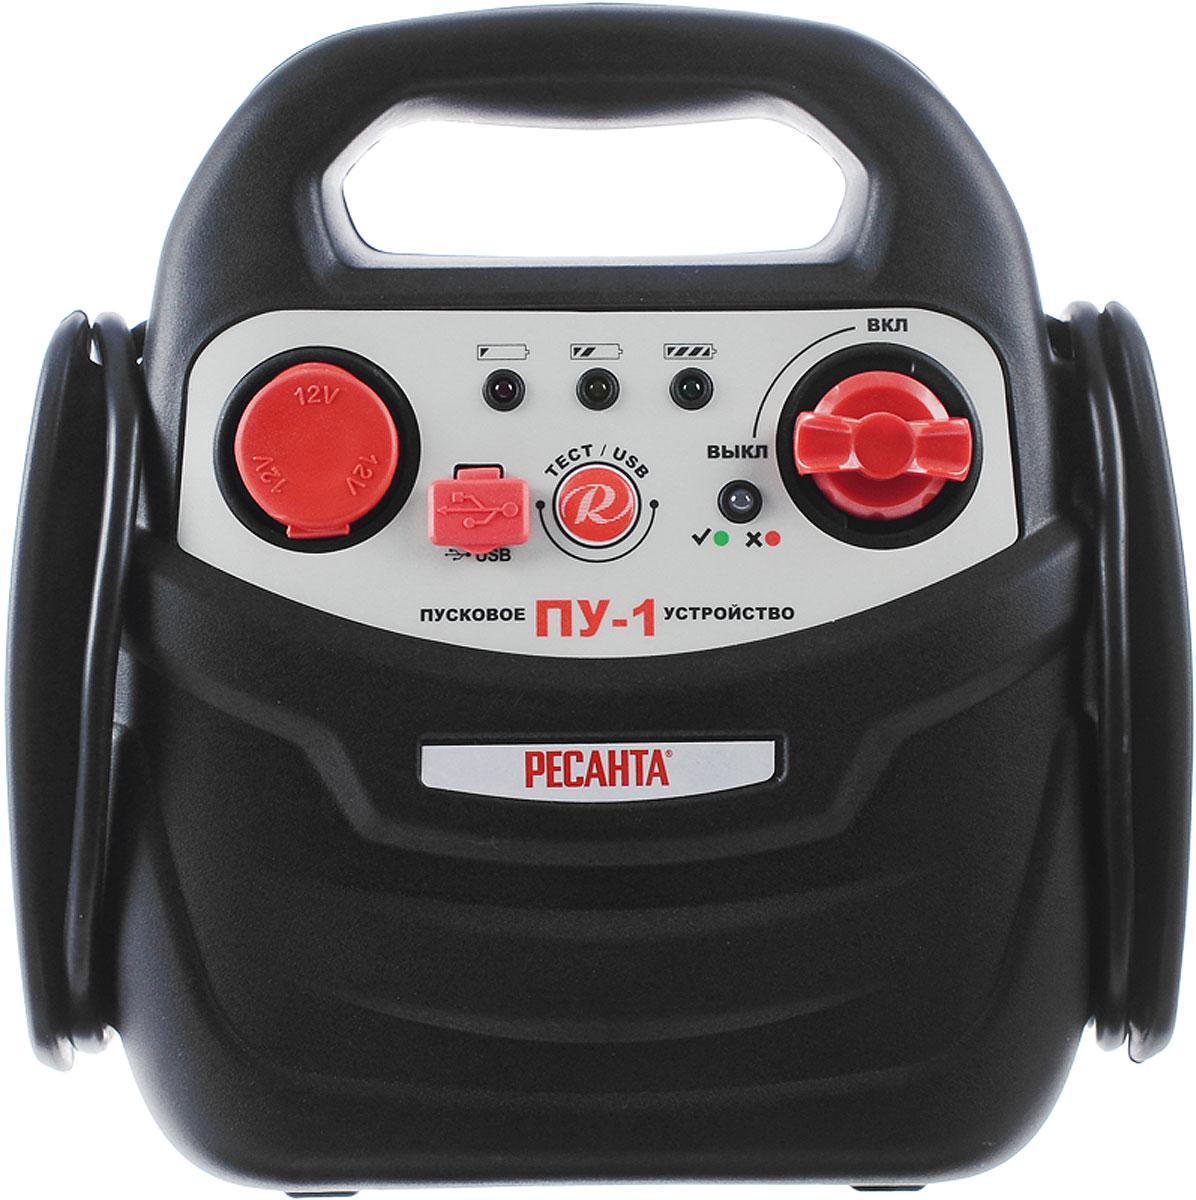 Пусковое устройство Ресанта ПУ-1ПУ-1_черный/серебристыйПусковое устройство Ресанта ПУ-1 - это удобное, портативное пусковое устройство с встроенным аккумулятором. Идеально подходит для пуска двигателей внутреннего сгорания, оборудованных электростартером (автомобилей, катеров, двигателей генераторов). Полностью совместимо с любой 12- вольтовой пусковой системой. Устройство использует встроенный аккумулятор, не требующий техобслуживания, что позволяет хранить его в любом положении без риска утечки кислоты. Пусковое устройство также можно использовать в качестве переносного источника энергии на 12В постоянного тока в удаленных зонах или в случае аварии. Снабжено USB выходом. Подходит для сотовых телефонов, люминесцентных ламп, ноутбуков, настольных ламп, телевизоров, прожекторов, DVD-плееров, водоотливных насосов. Для зарядки используйте зарядное устройство. Когда устройство полностью зарядится, загорится индикатор полной зарядки. Состояние заряда аккумулятора можно проверить, нажав кнопку Тест /...